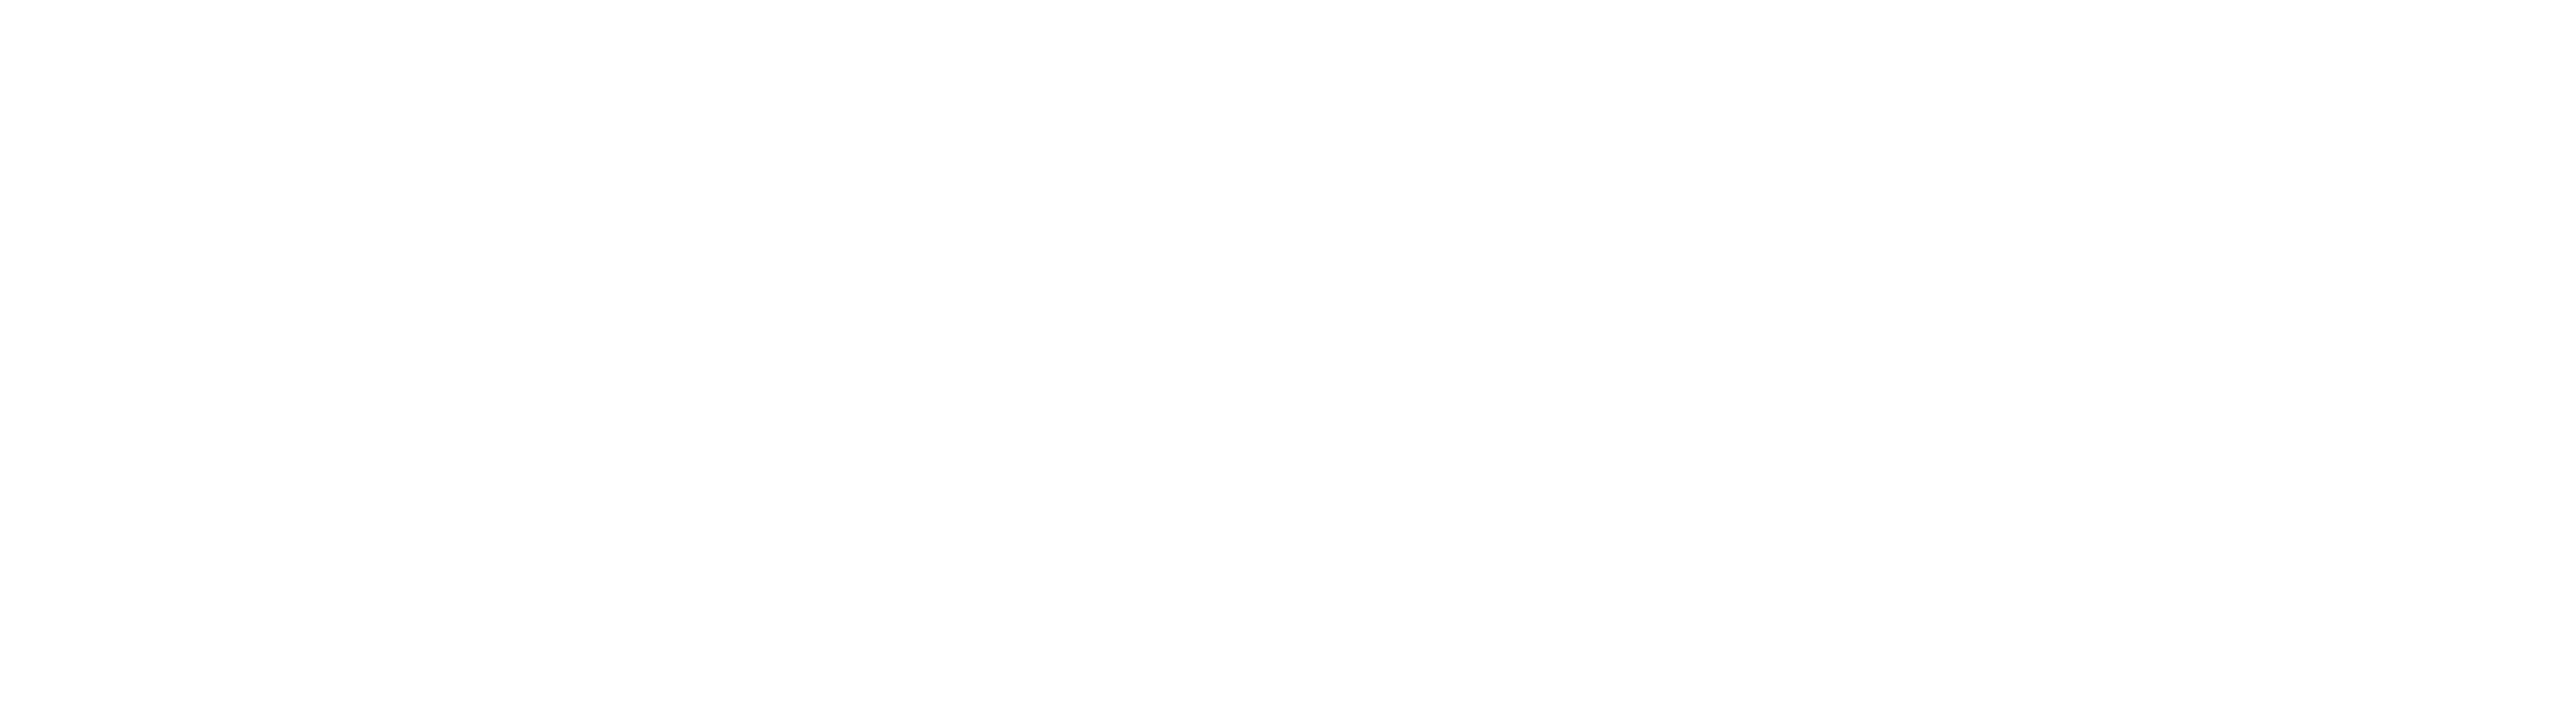 Renault_Sport_Logo Blanc